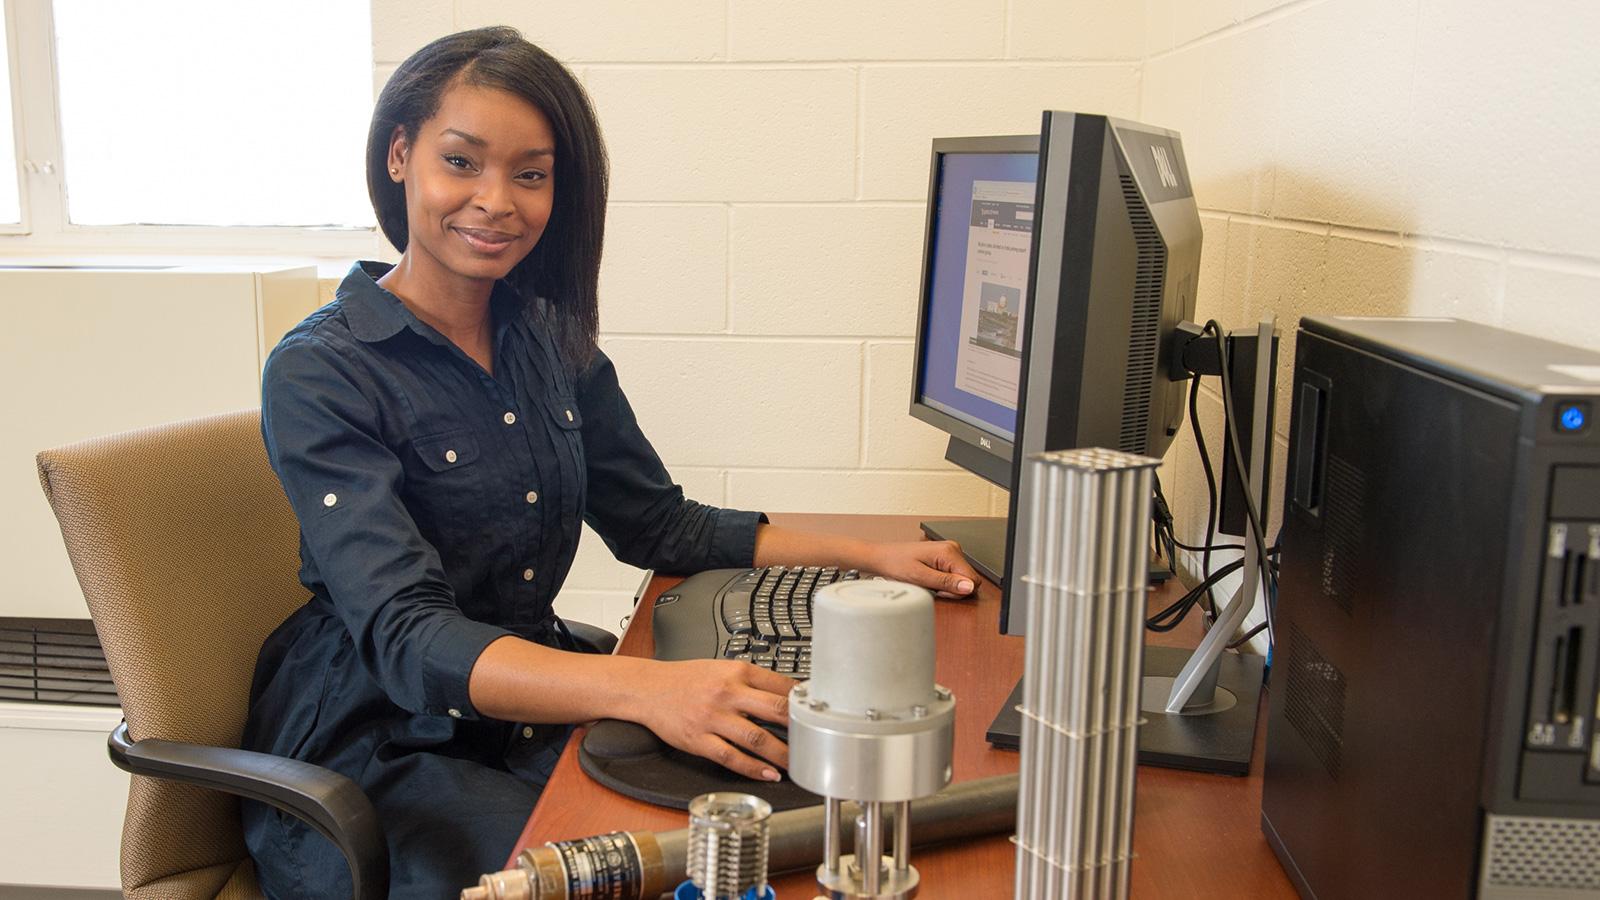 J'Tia Hart at desk